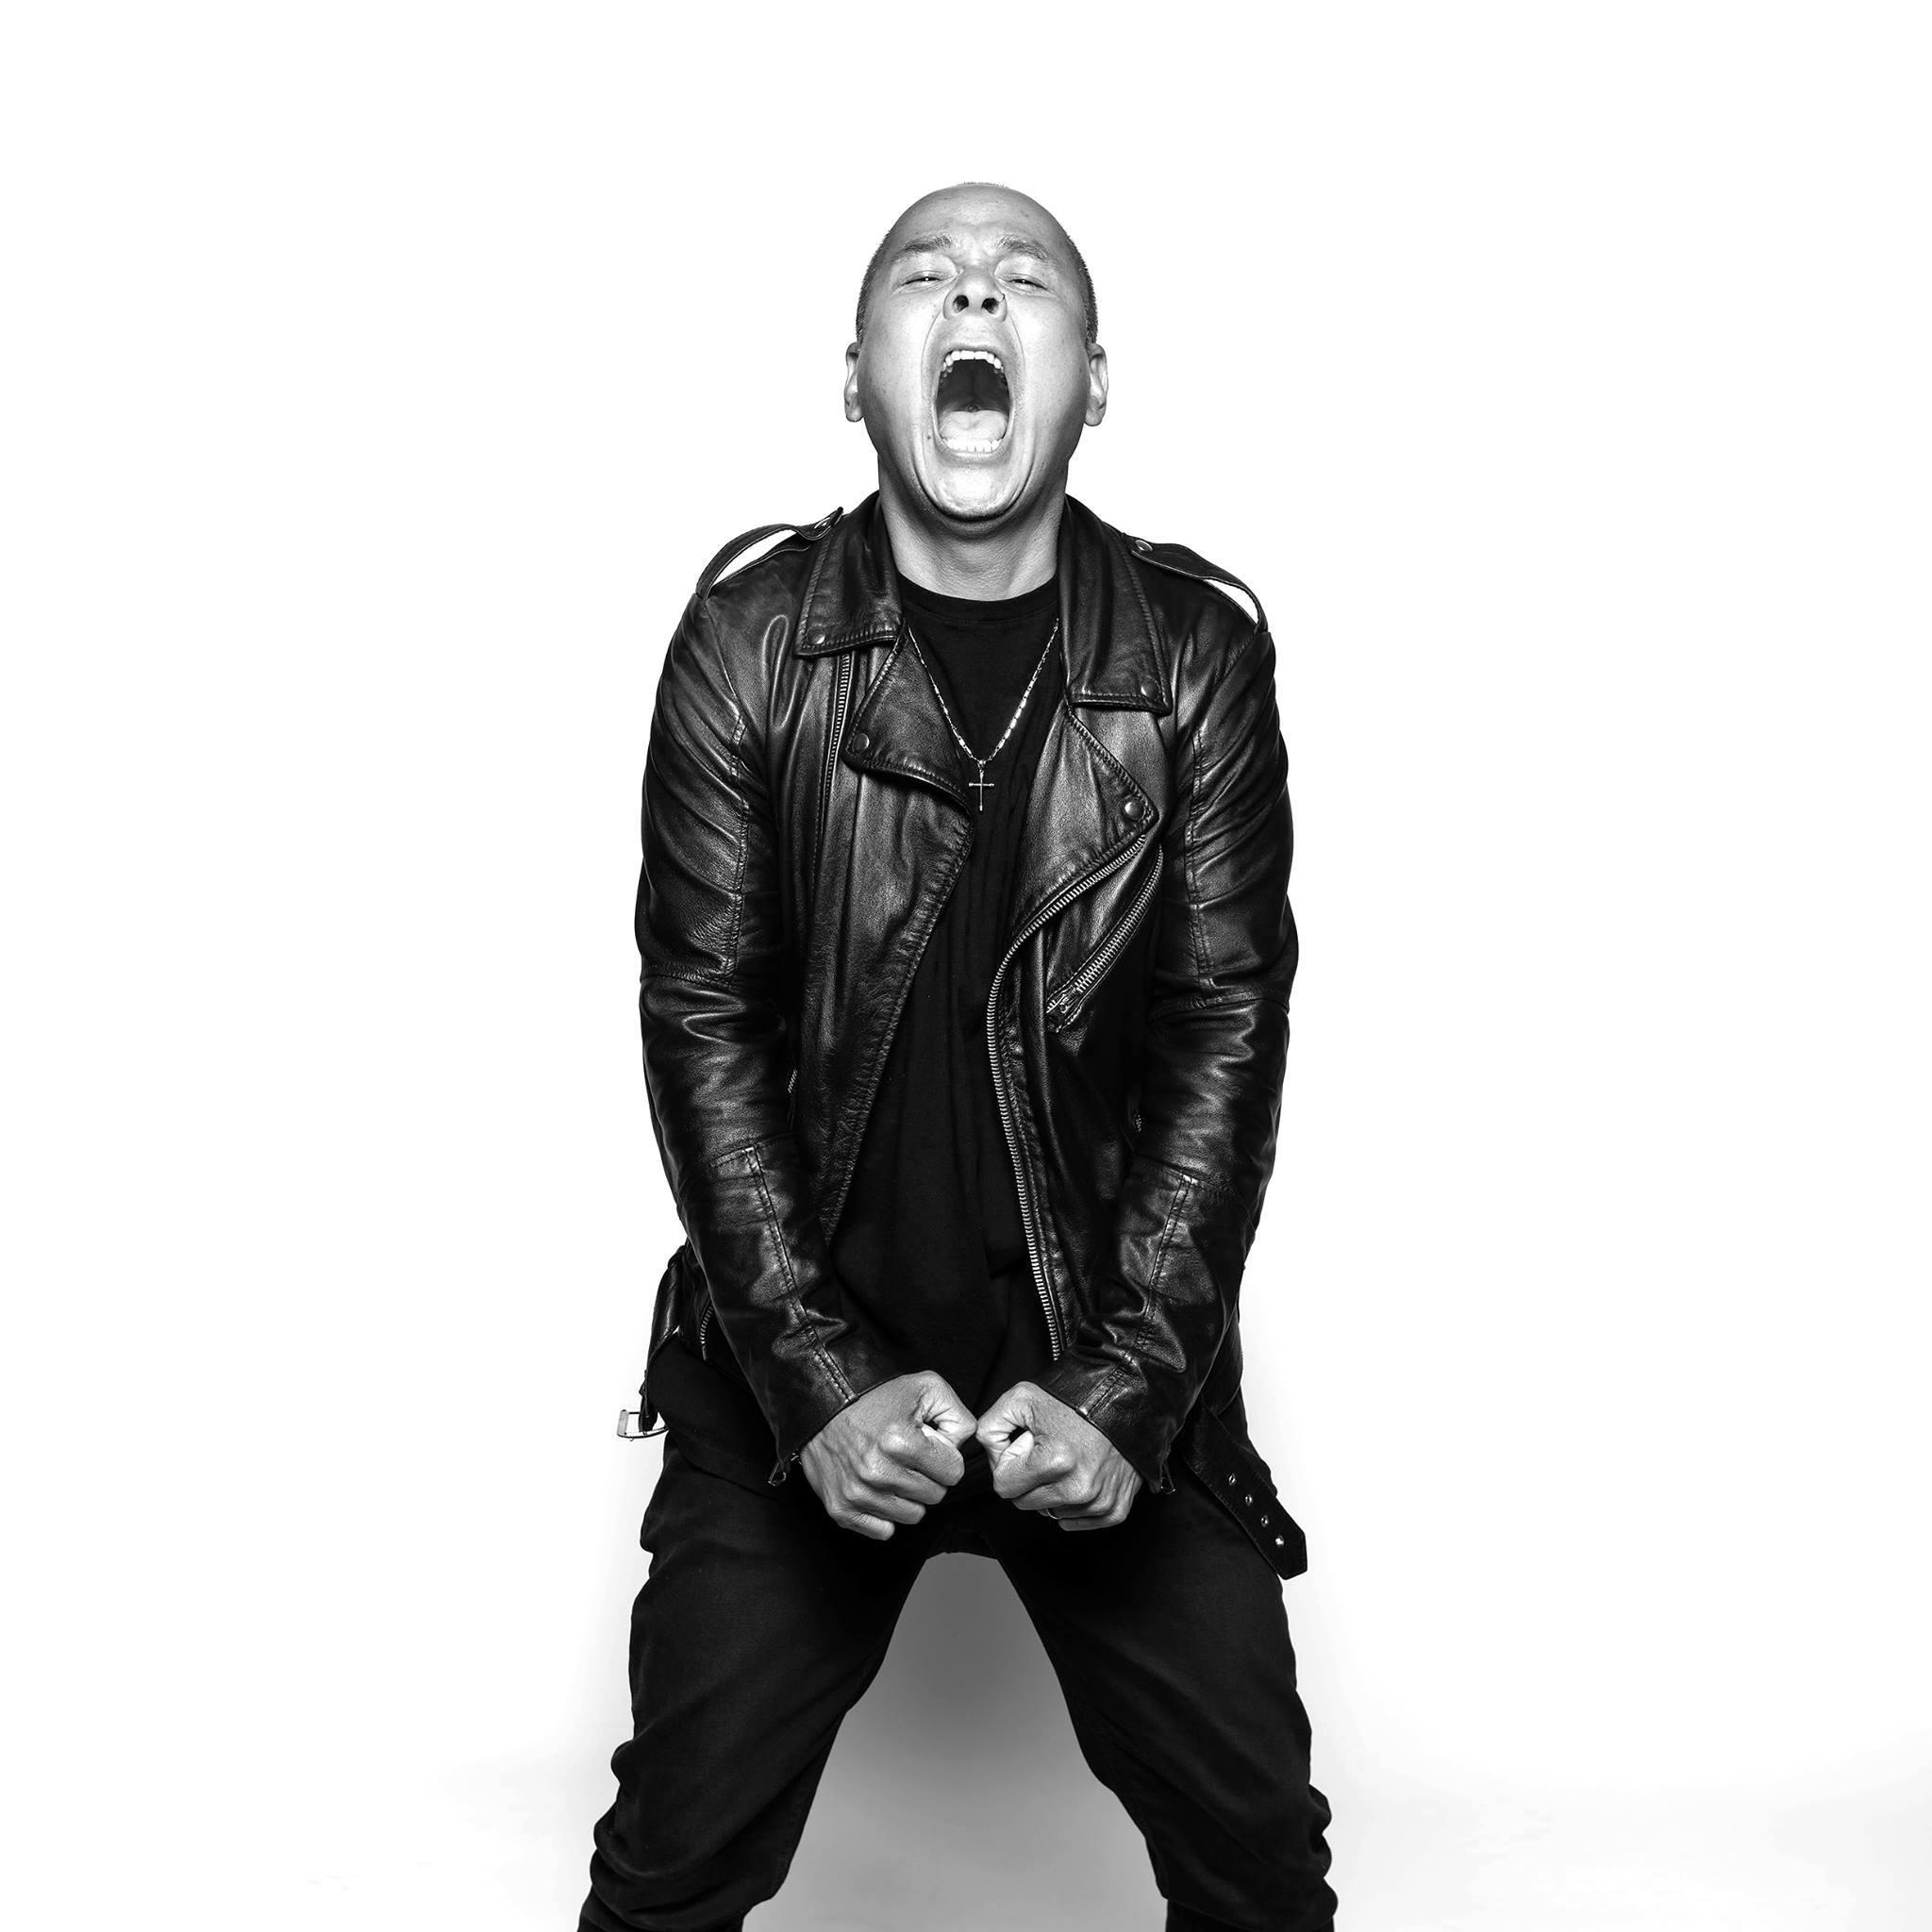 Pete Nguyen - Photographer